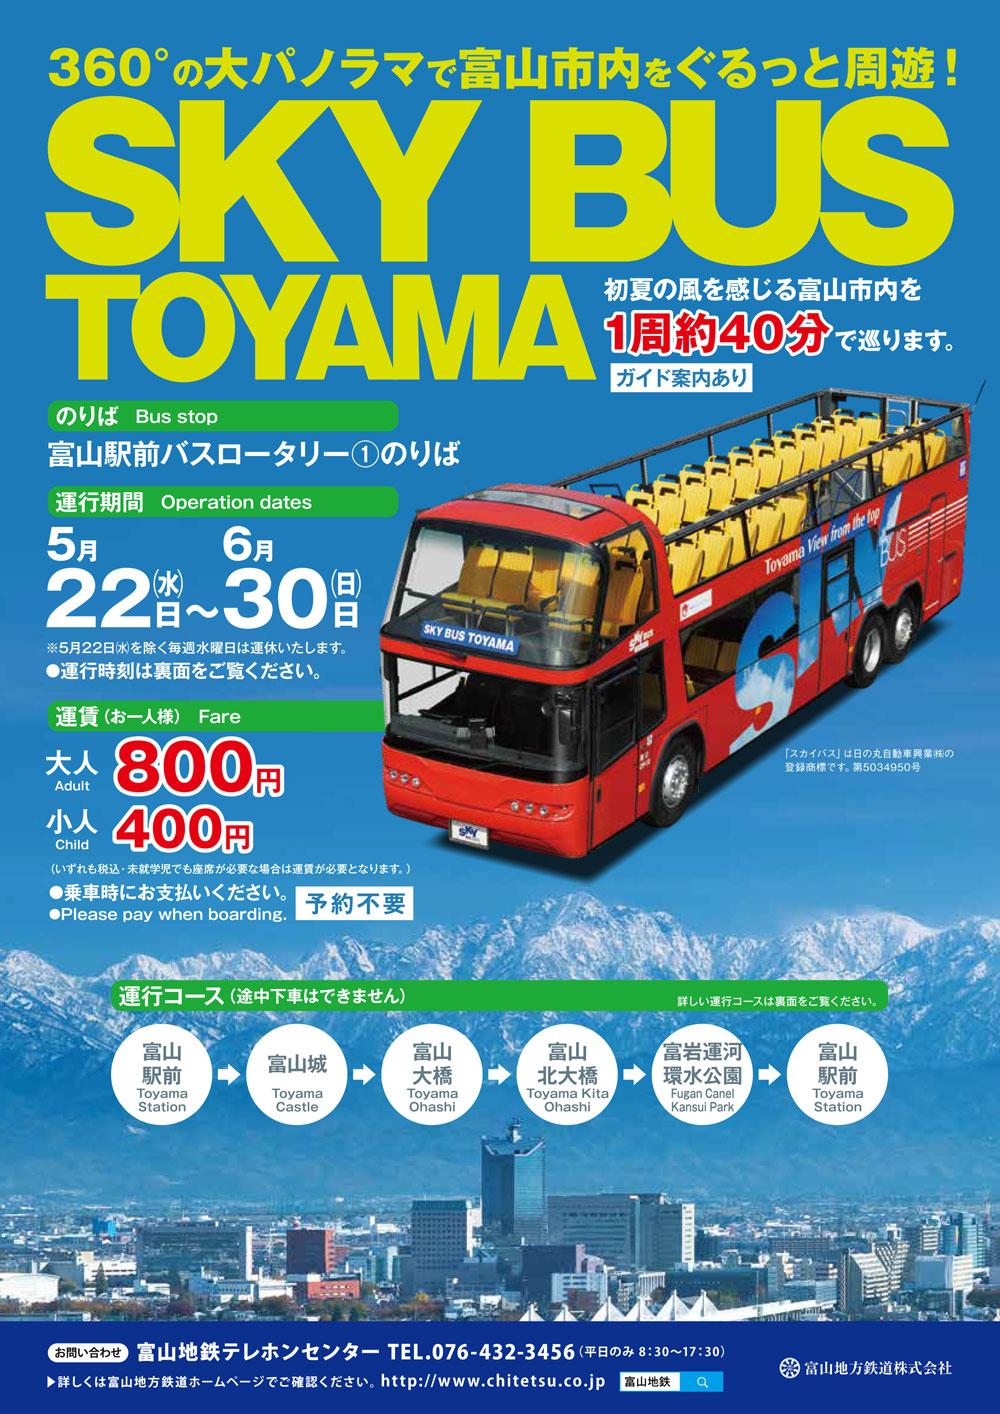 【スカイバス2019】富山駅発の2階建て観光オープンバスで期間限定の市内観光!